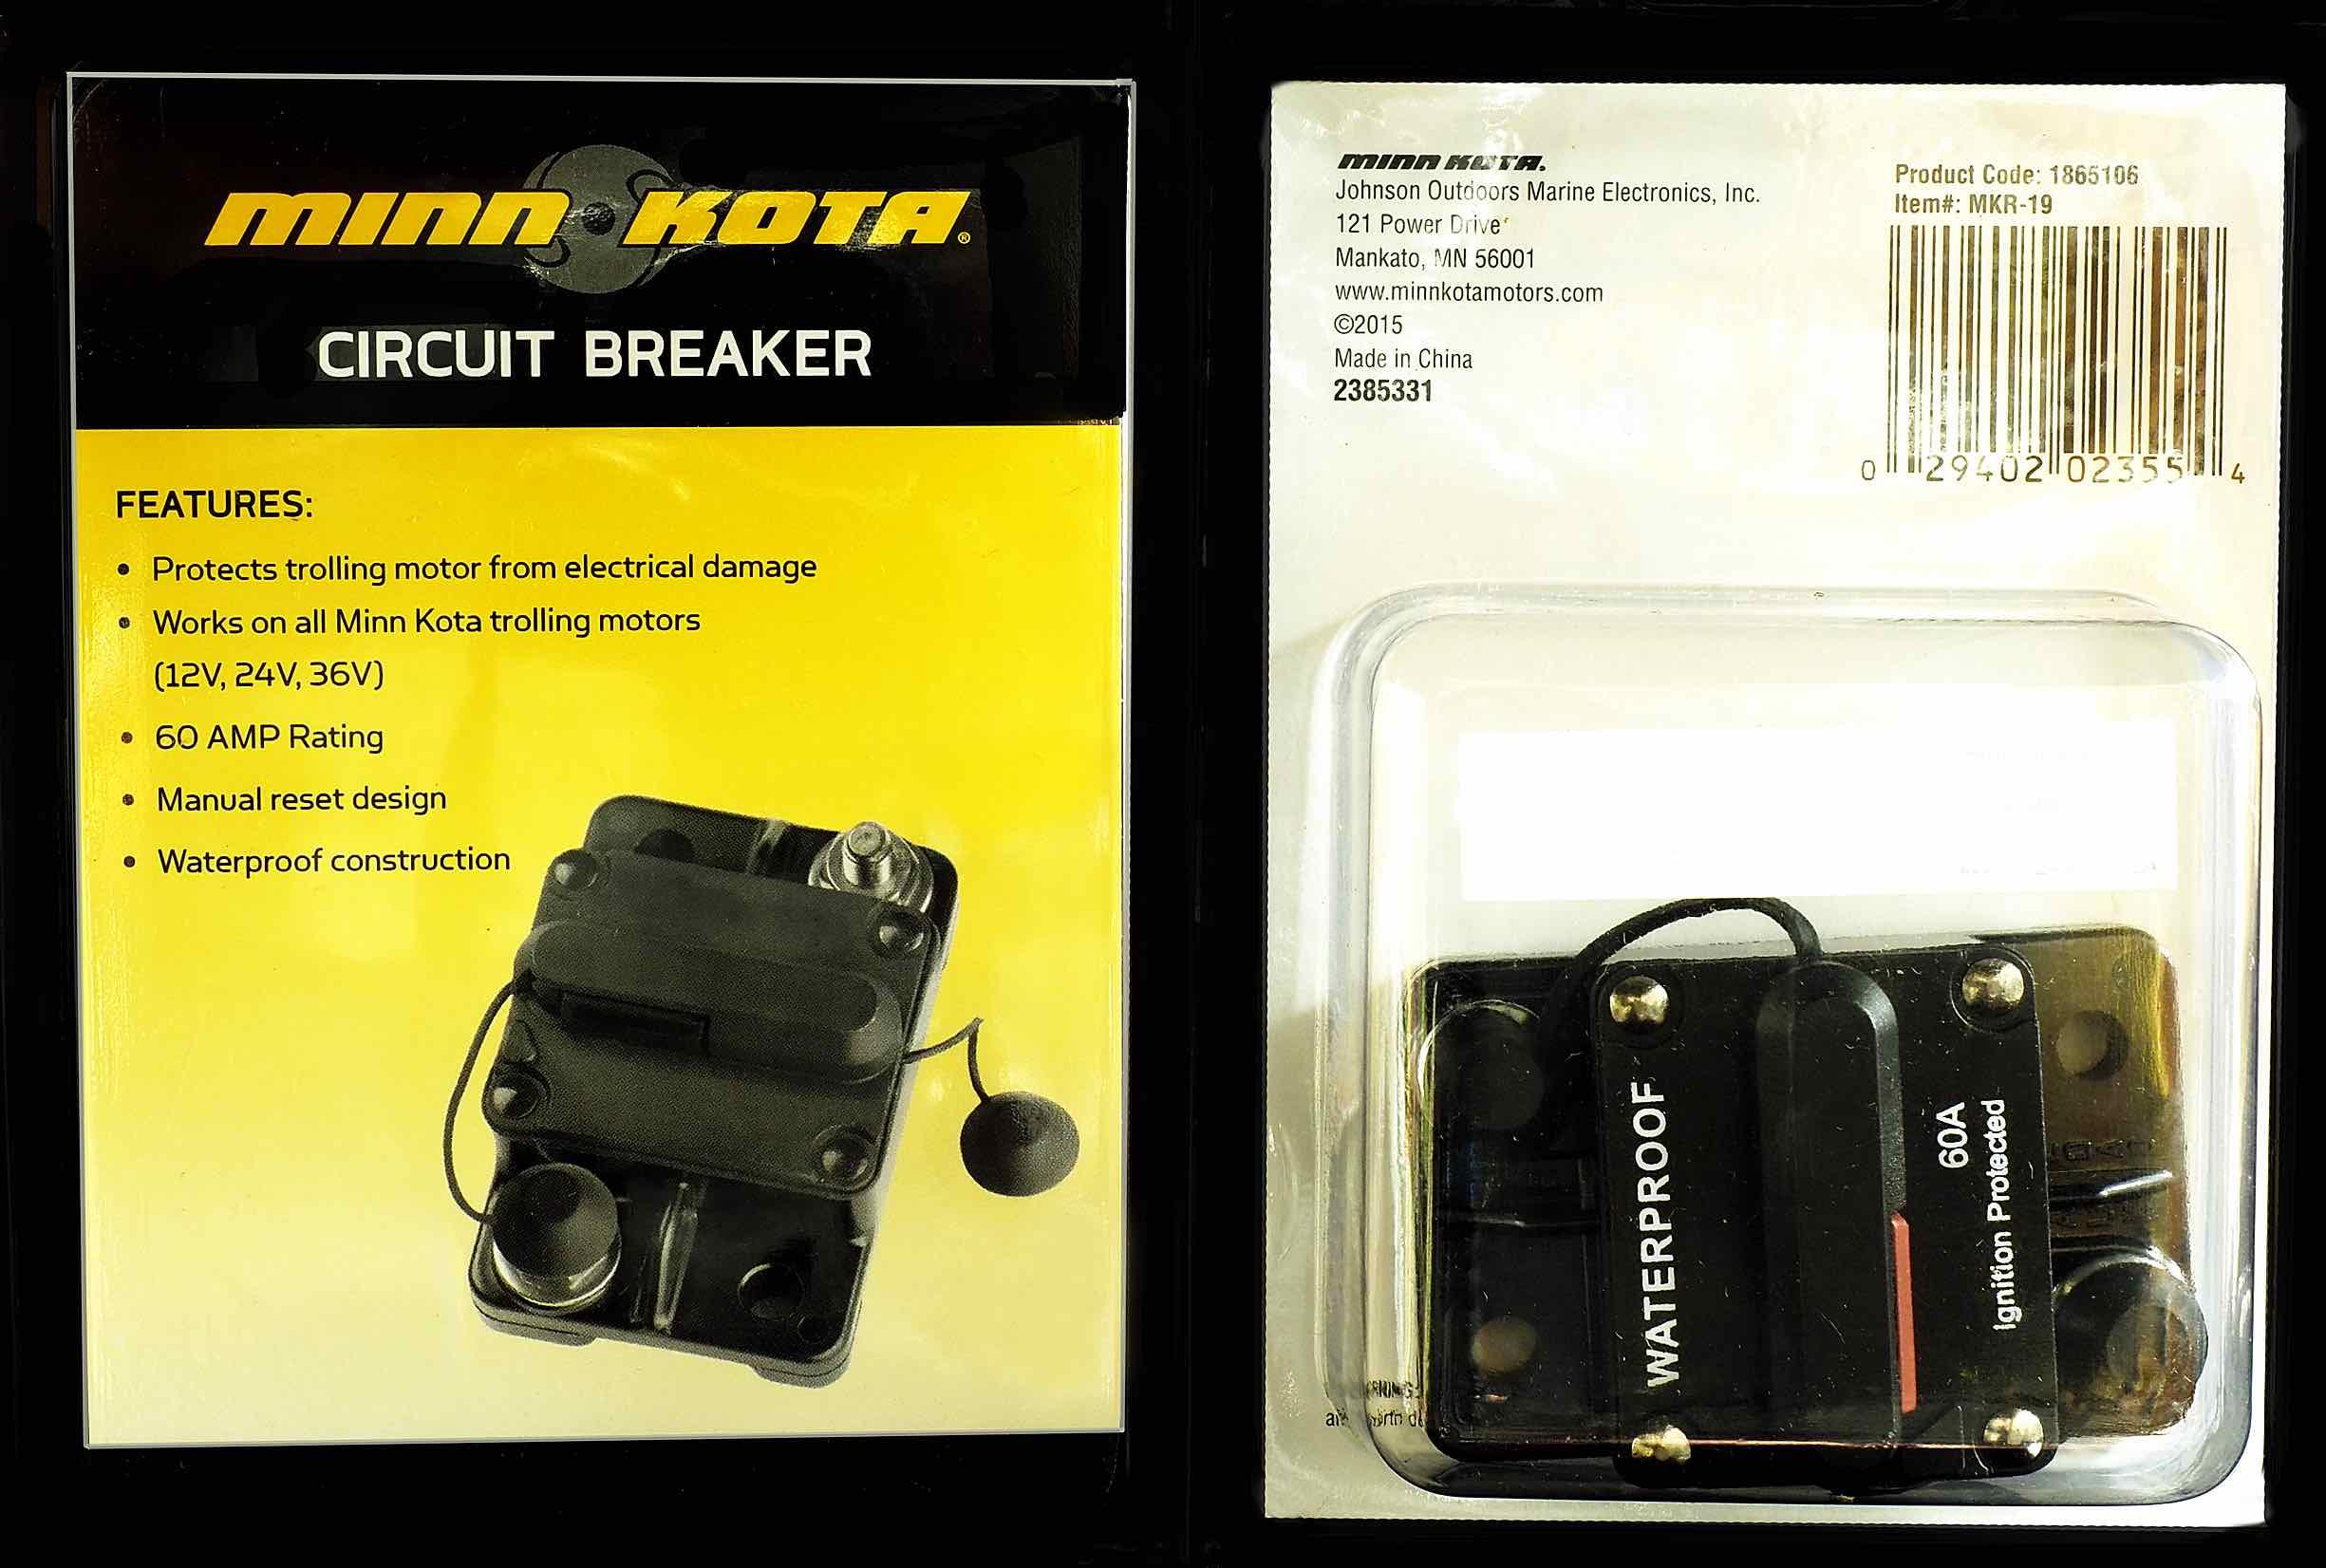 Minn Kota 1865106 Mkr-19 60amp Circuit Breaker for sale online